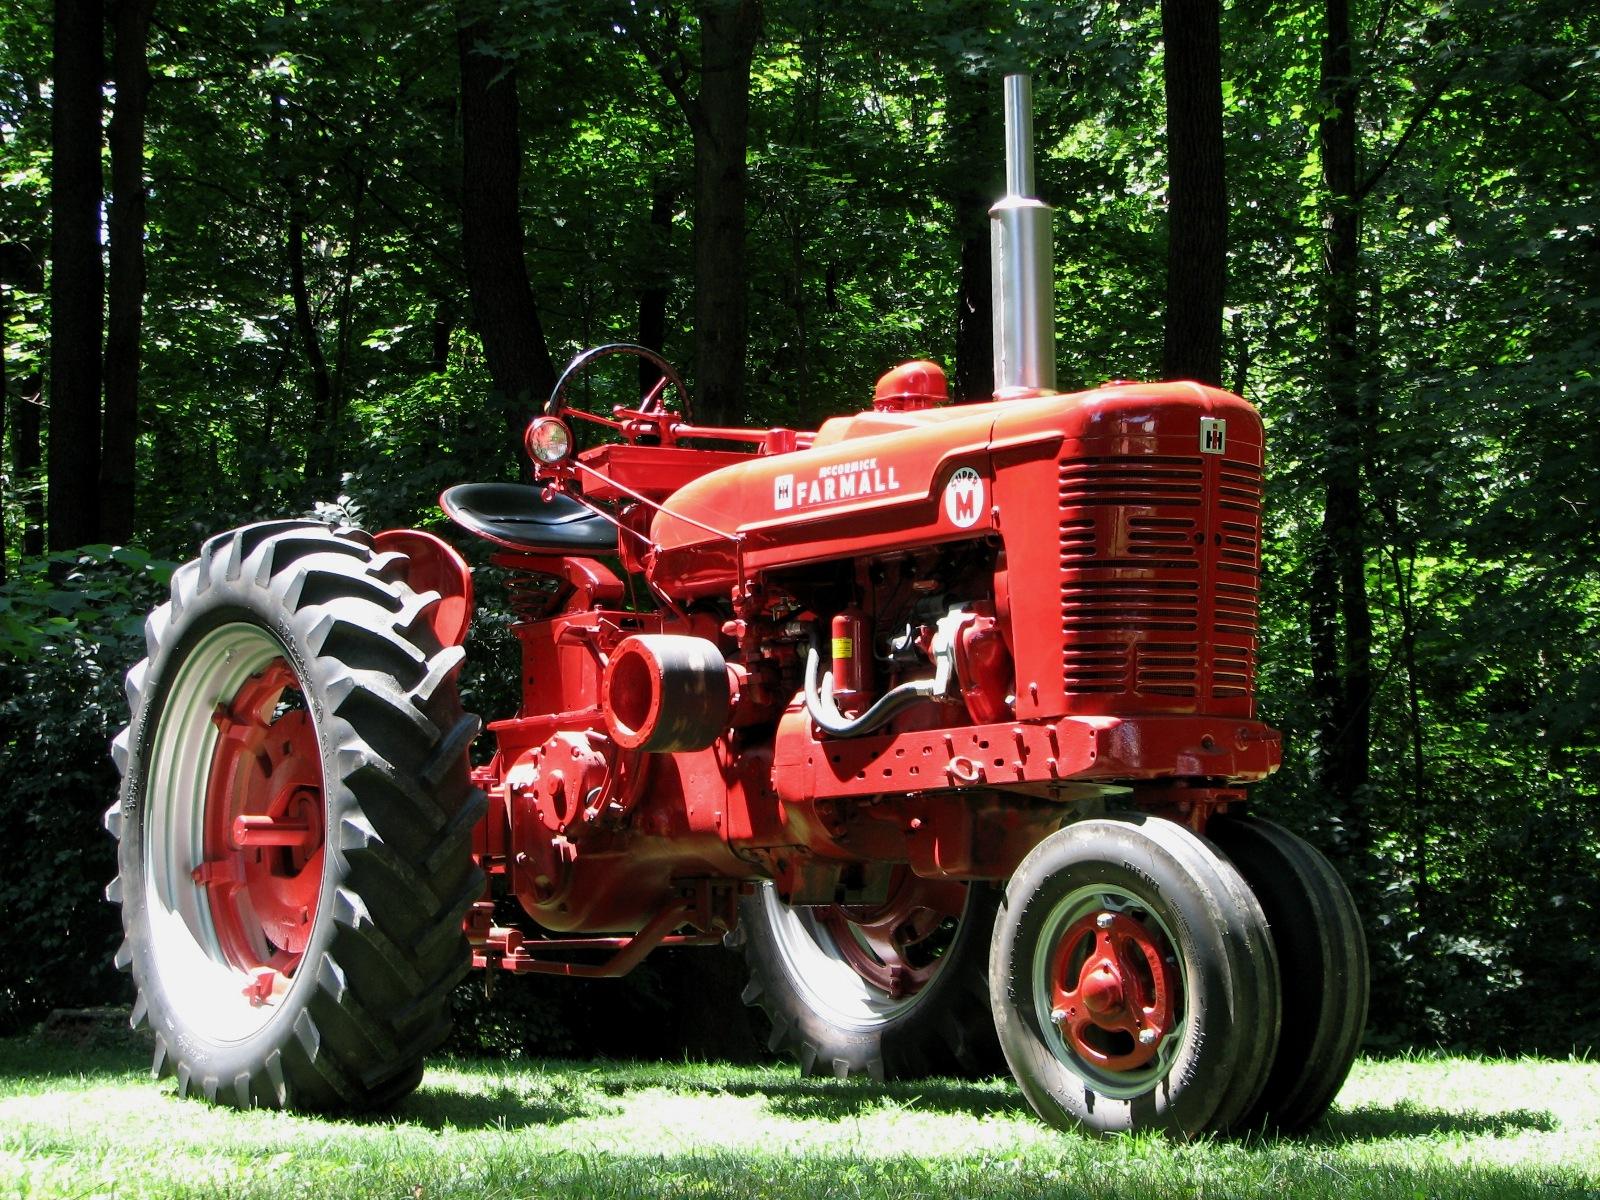 Trust and models of mta farmall m super m until farmall tractors